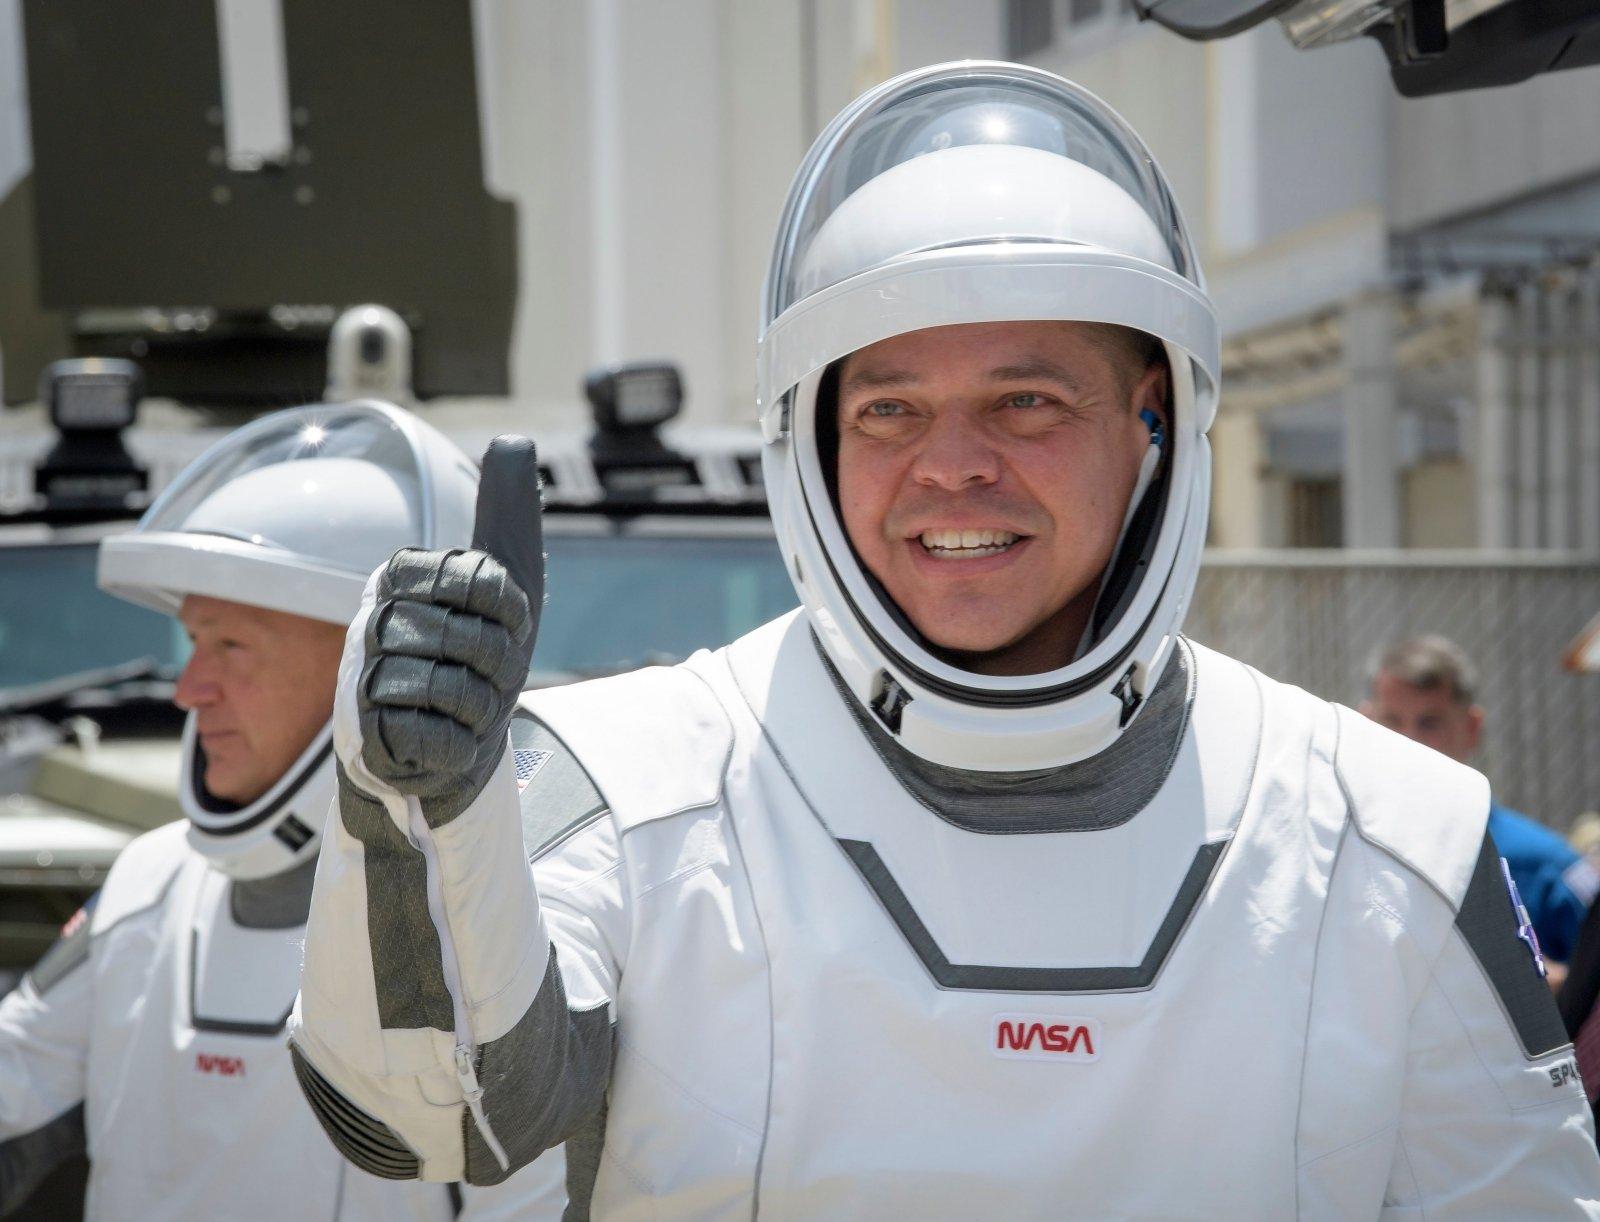 Илон Маск поет про Землю в иллюминаторе: самый актуальный дипфейк после запуска Crew Dragon